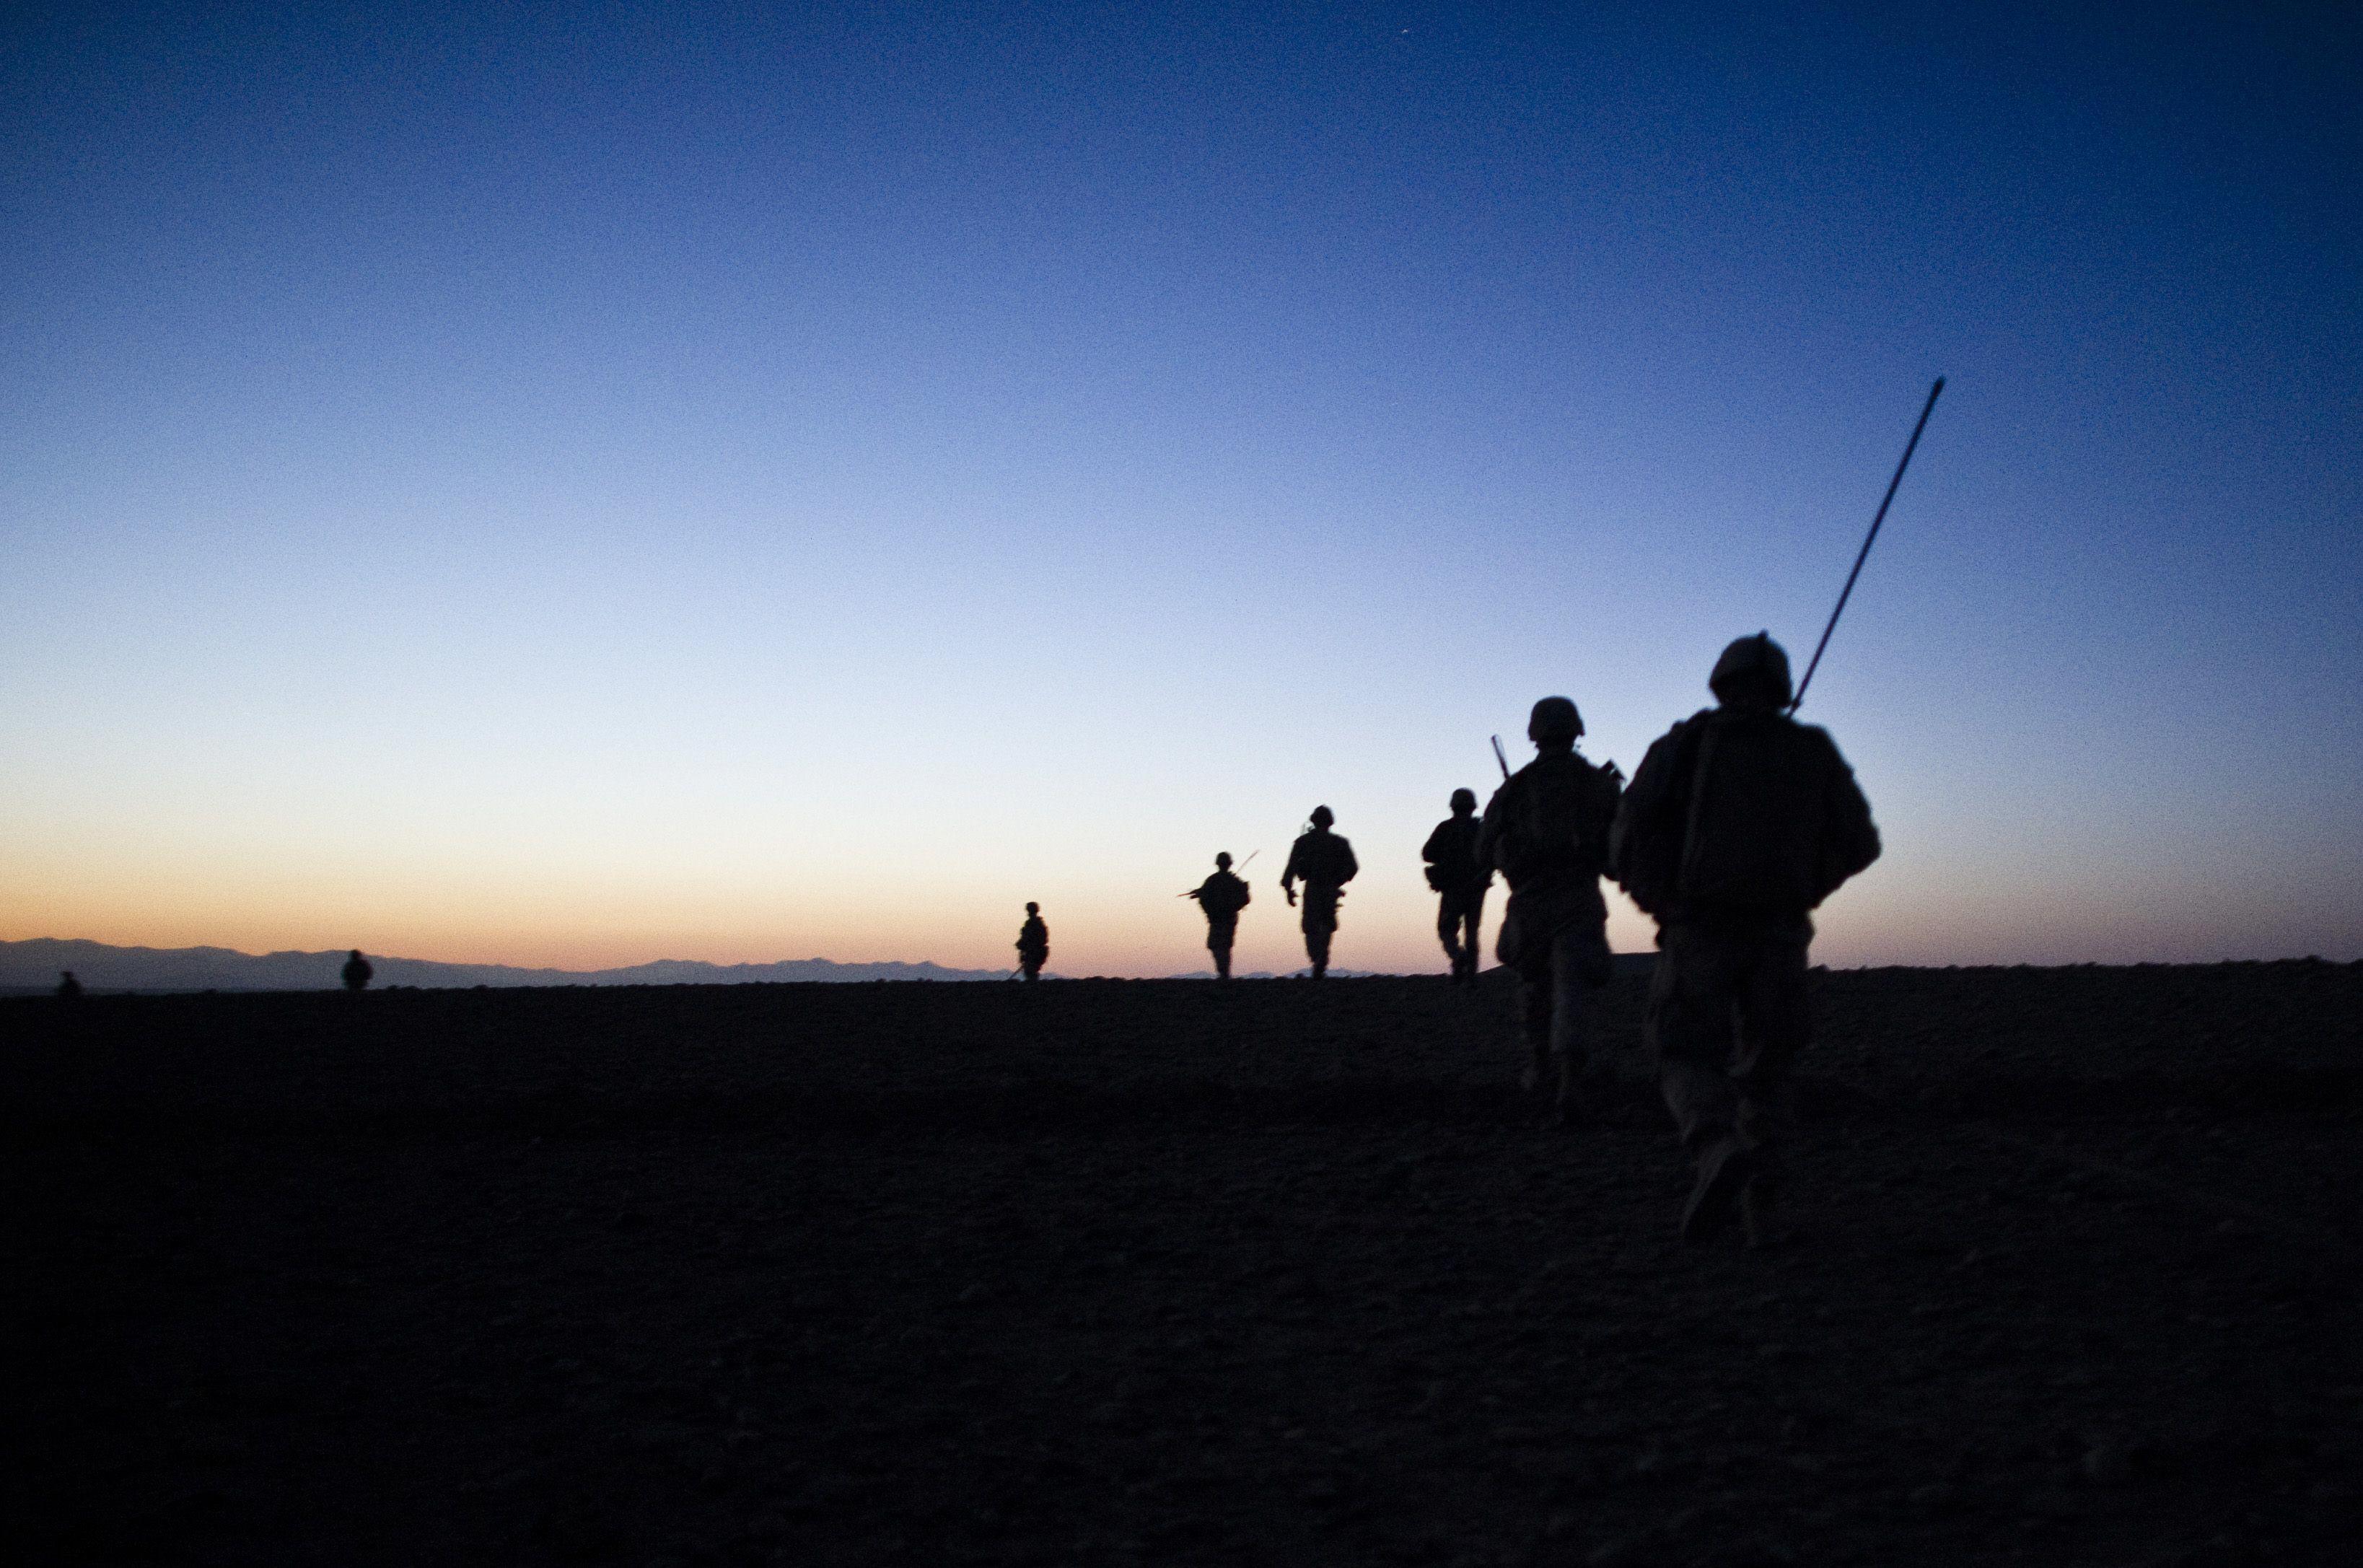 us marines in afghanistan photo afp file